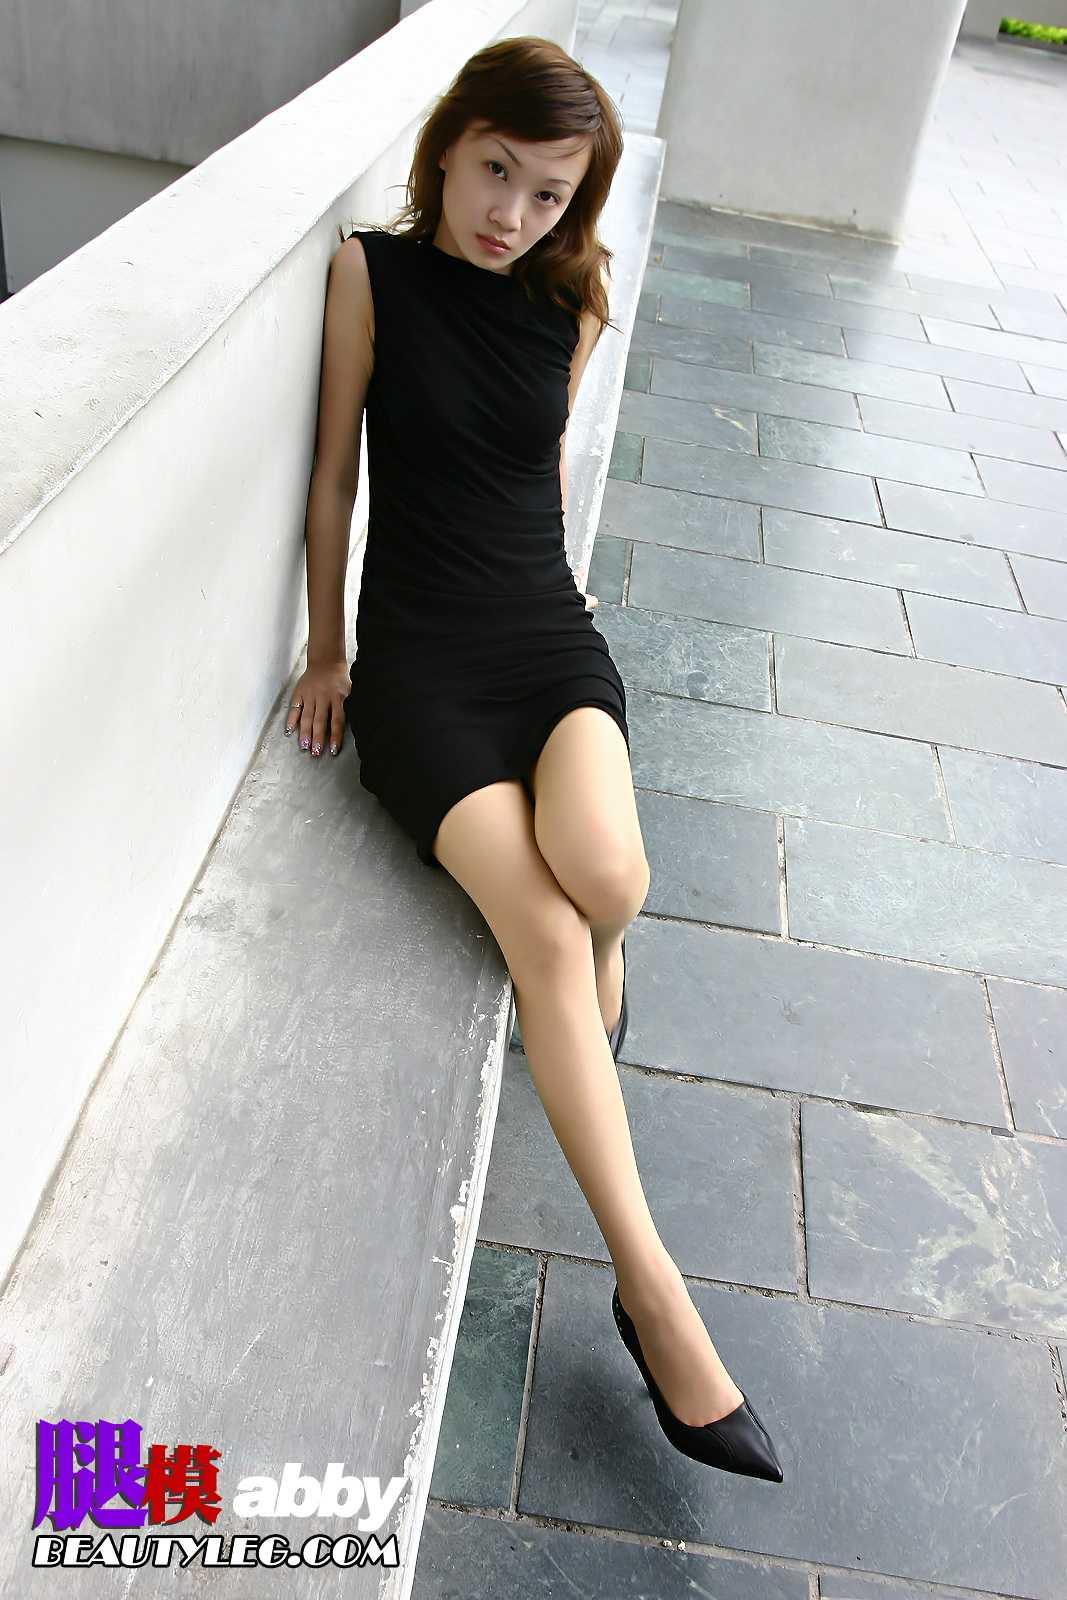 [Beautyleg]2005.07.06 No.021 abby 第一期 台灣台南[50P/23.5M]